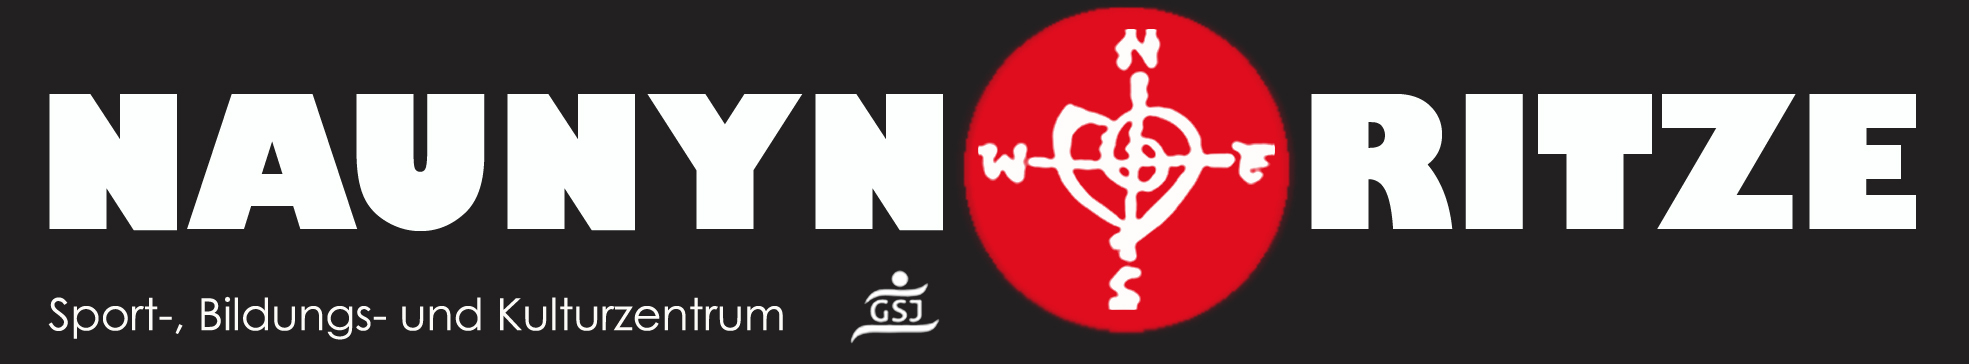 naunynritze_Logo-web